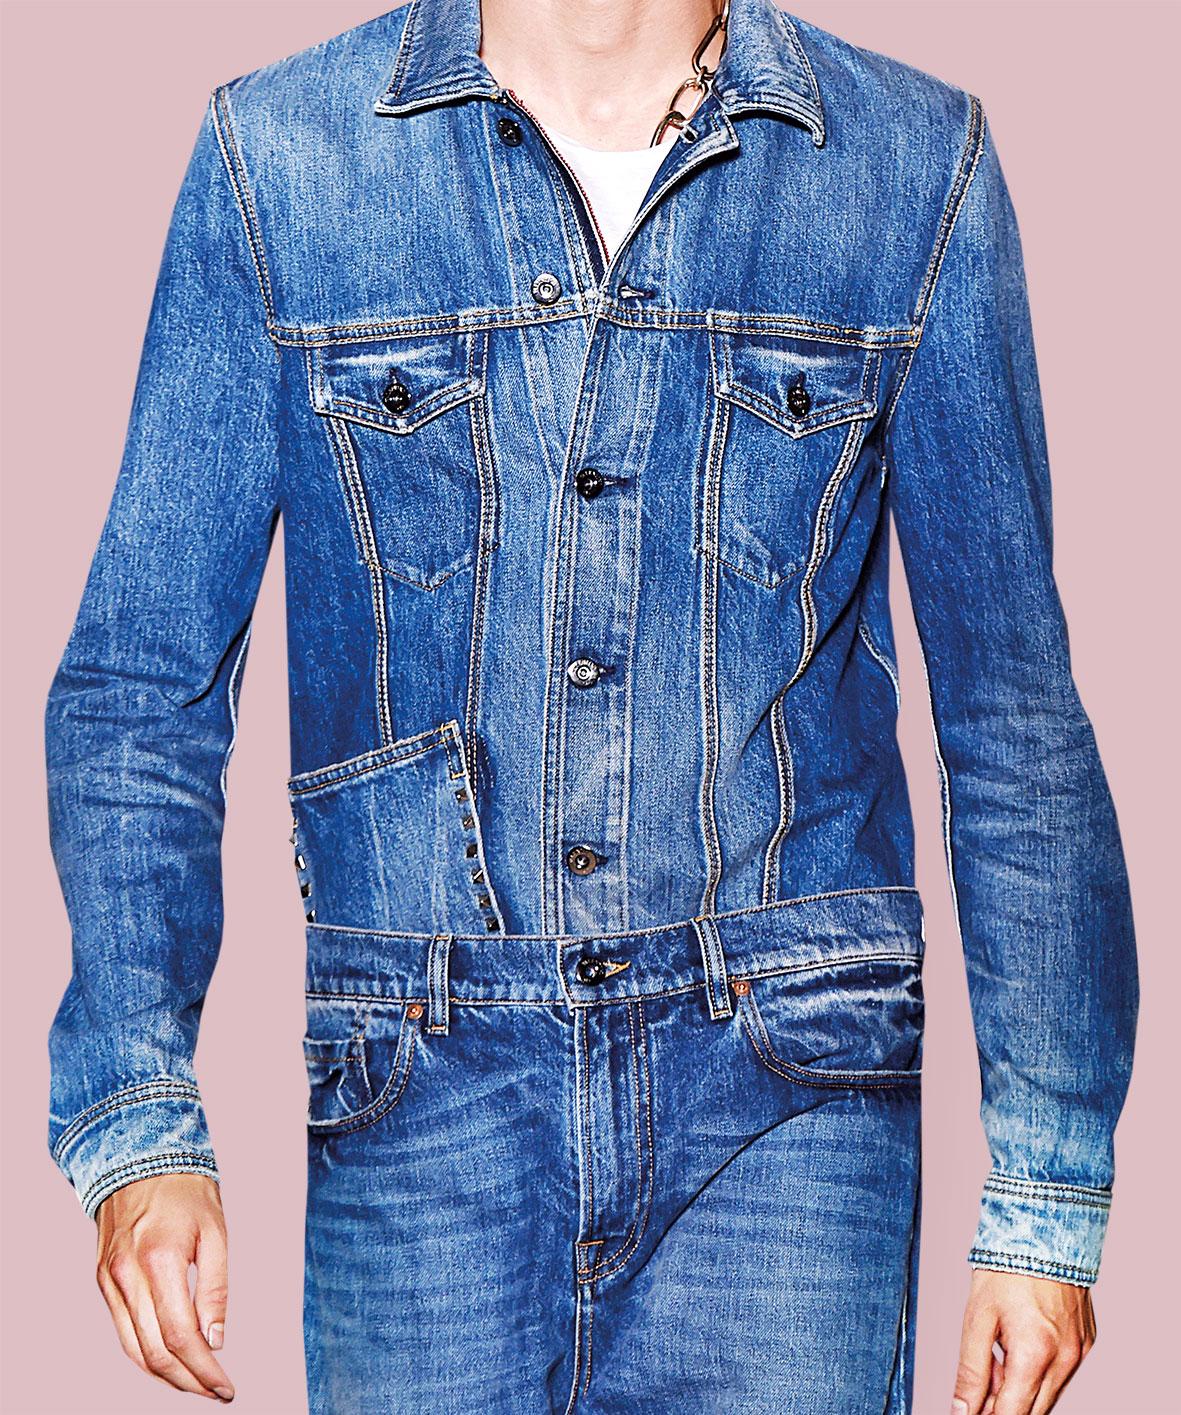 Hosenschlitz an Jeans nähen